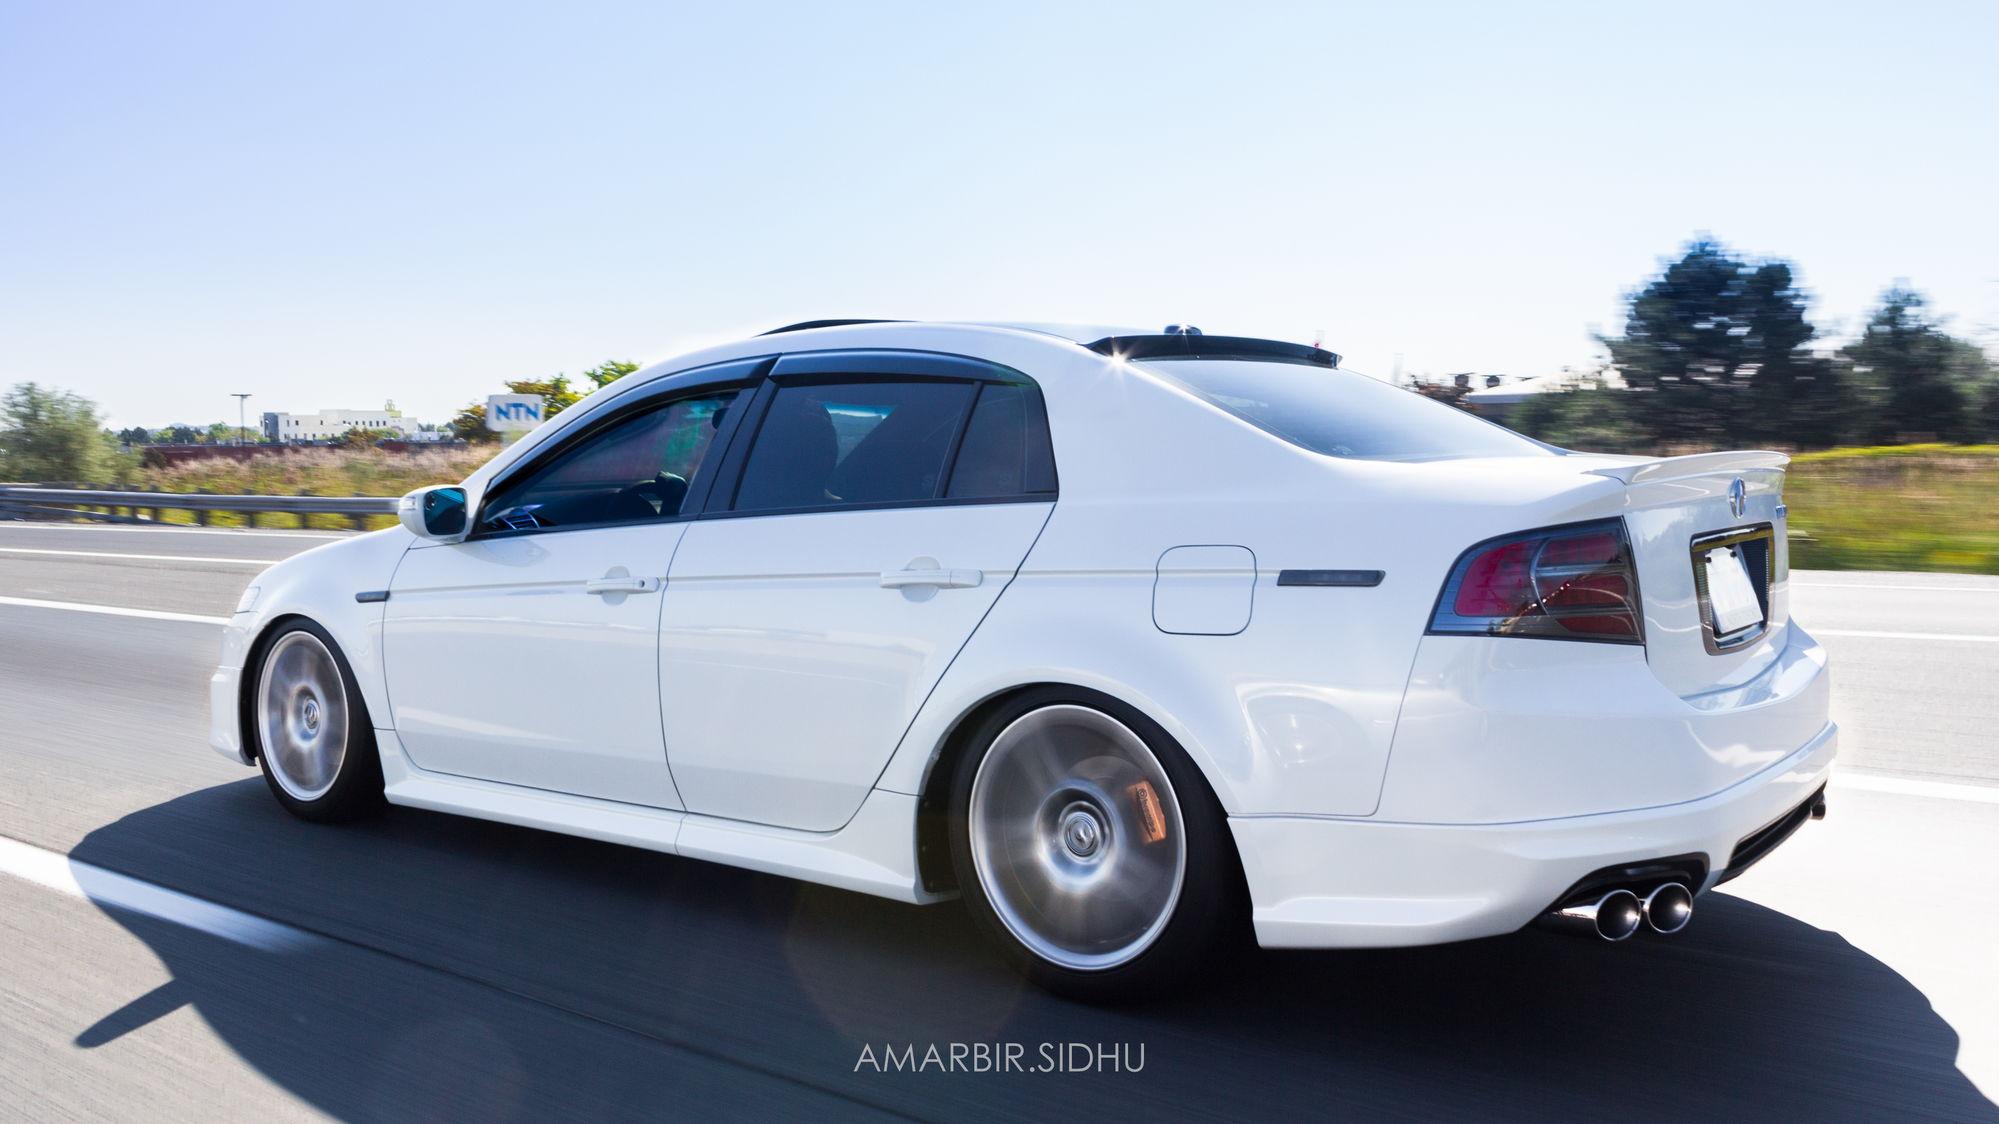 Got my brakes freshened up! - AcuraZine - Acura Enthusiast Community